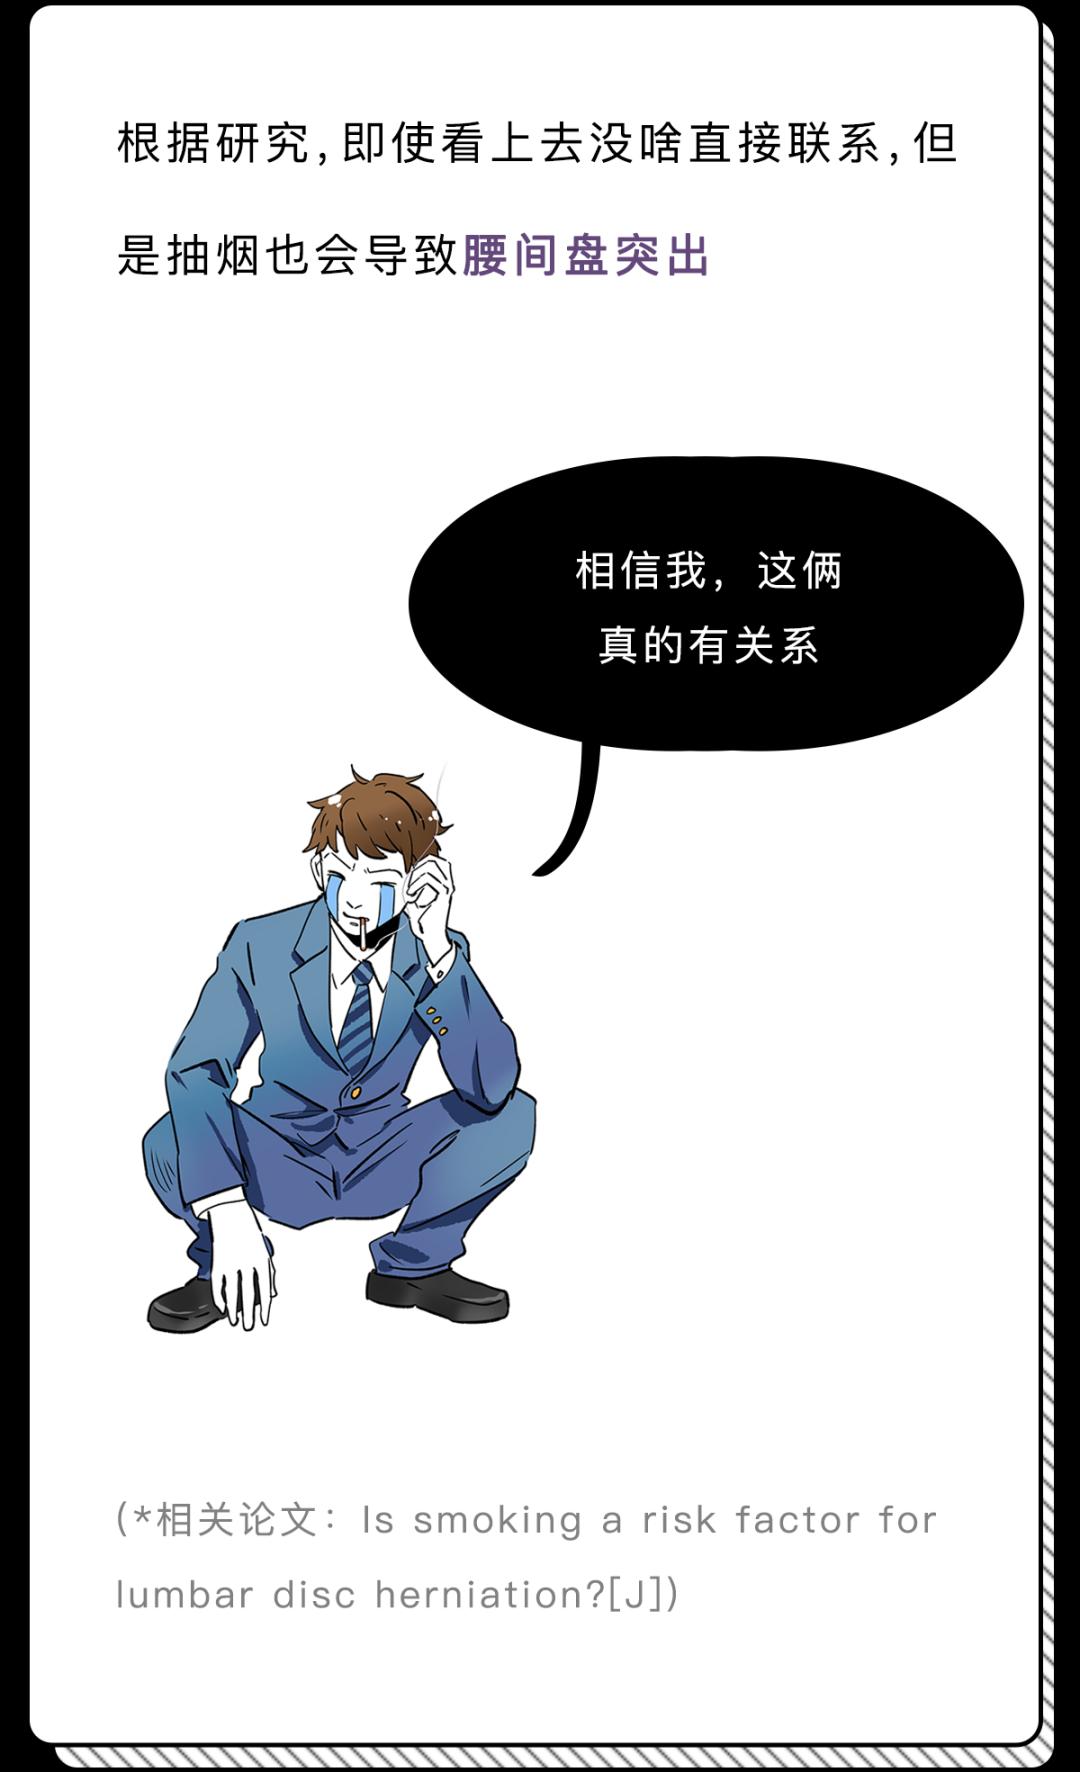 漫畫科普:有個辦法測試你行不行!